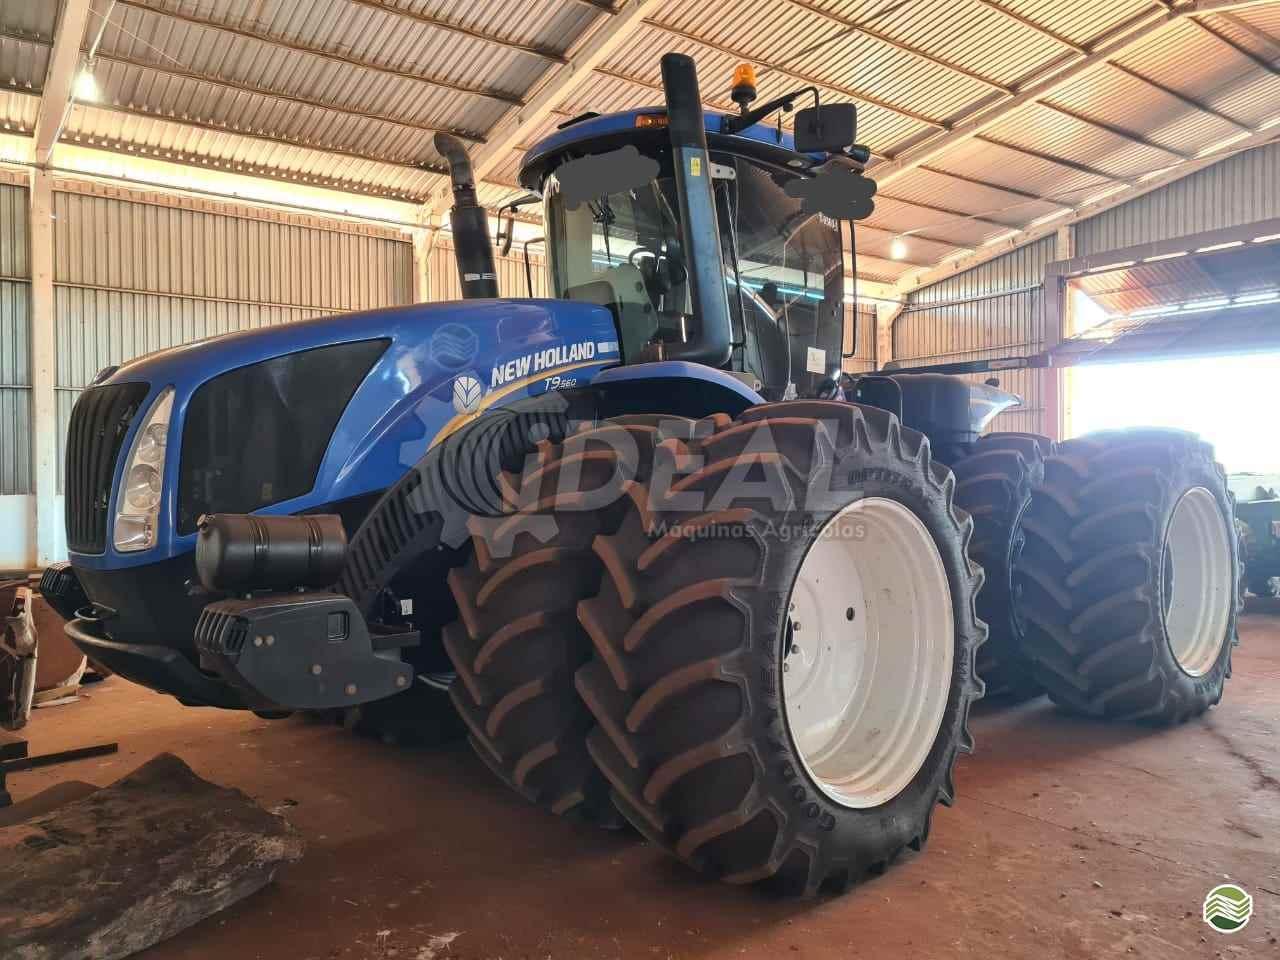 TRATOR NEW HOLLAND NEW T9 560 Tração 4x4 Ideal Máquinas Agrícolas SAO GONCALO DO SAPUCAI MINAS GERAIS MG